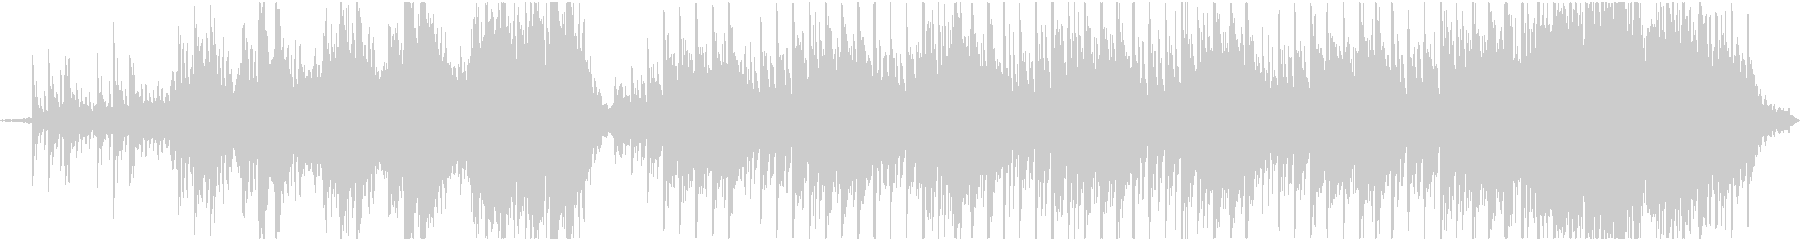 現代の交響曲 クラシック交響曲 感...の未再生の波形